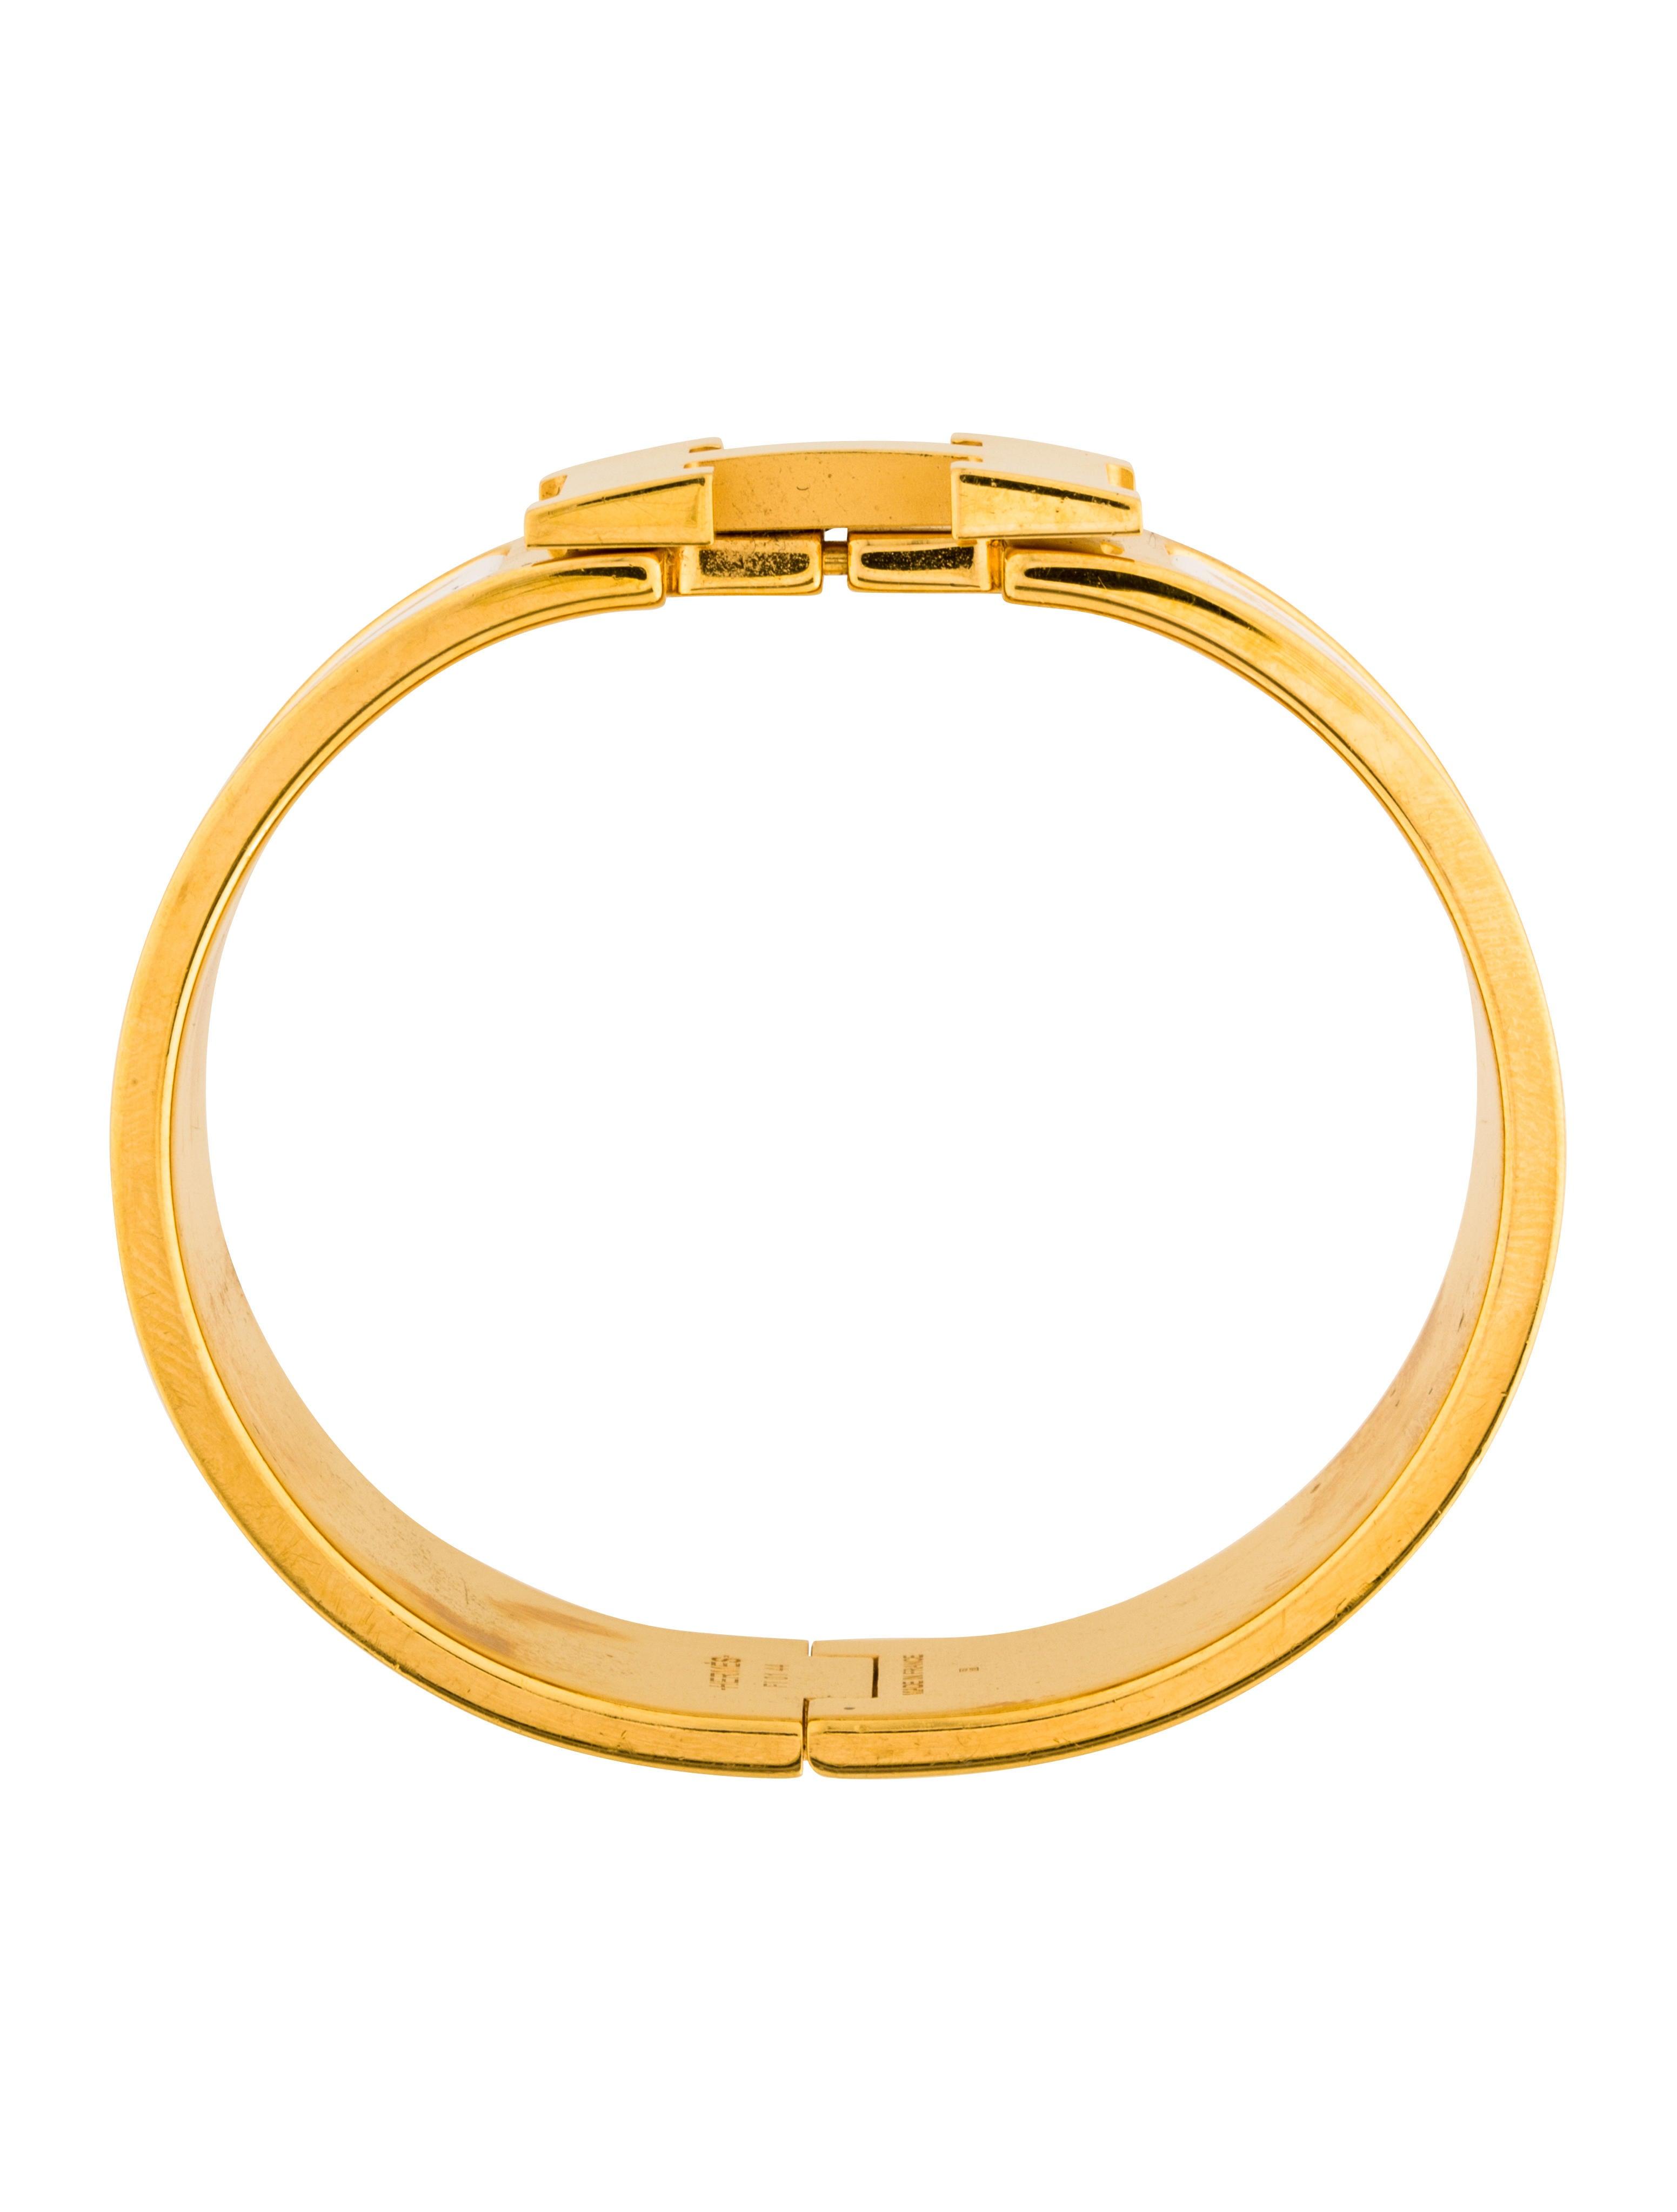 herm s clic clac h bracelet bracelets her110725 the. Black Bedroom Furniture Sets. Home Design Ideas